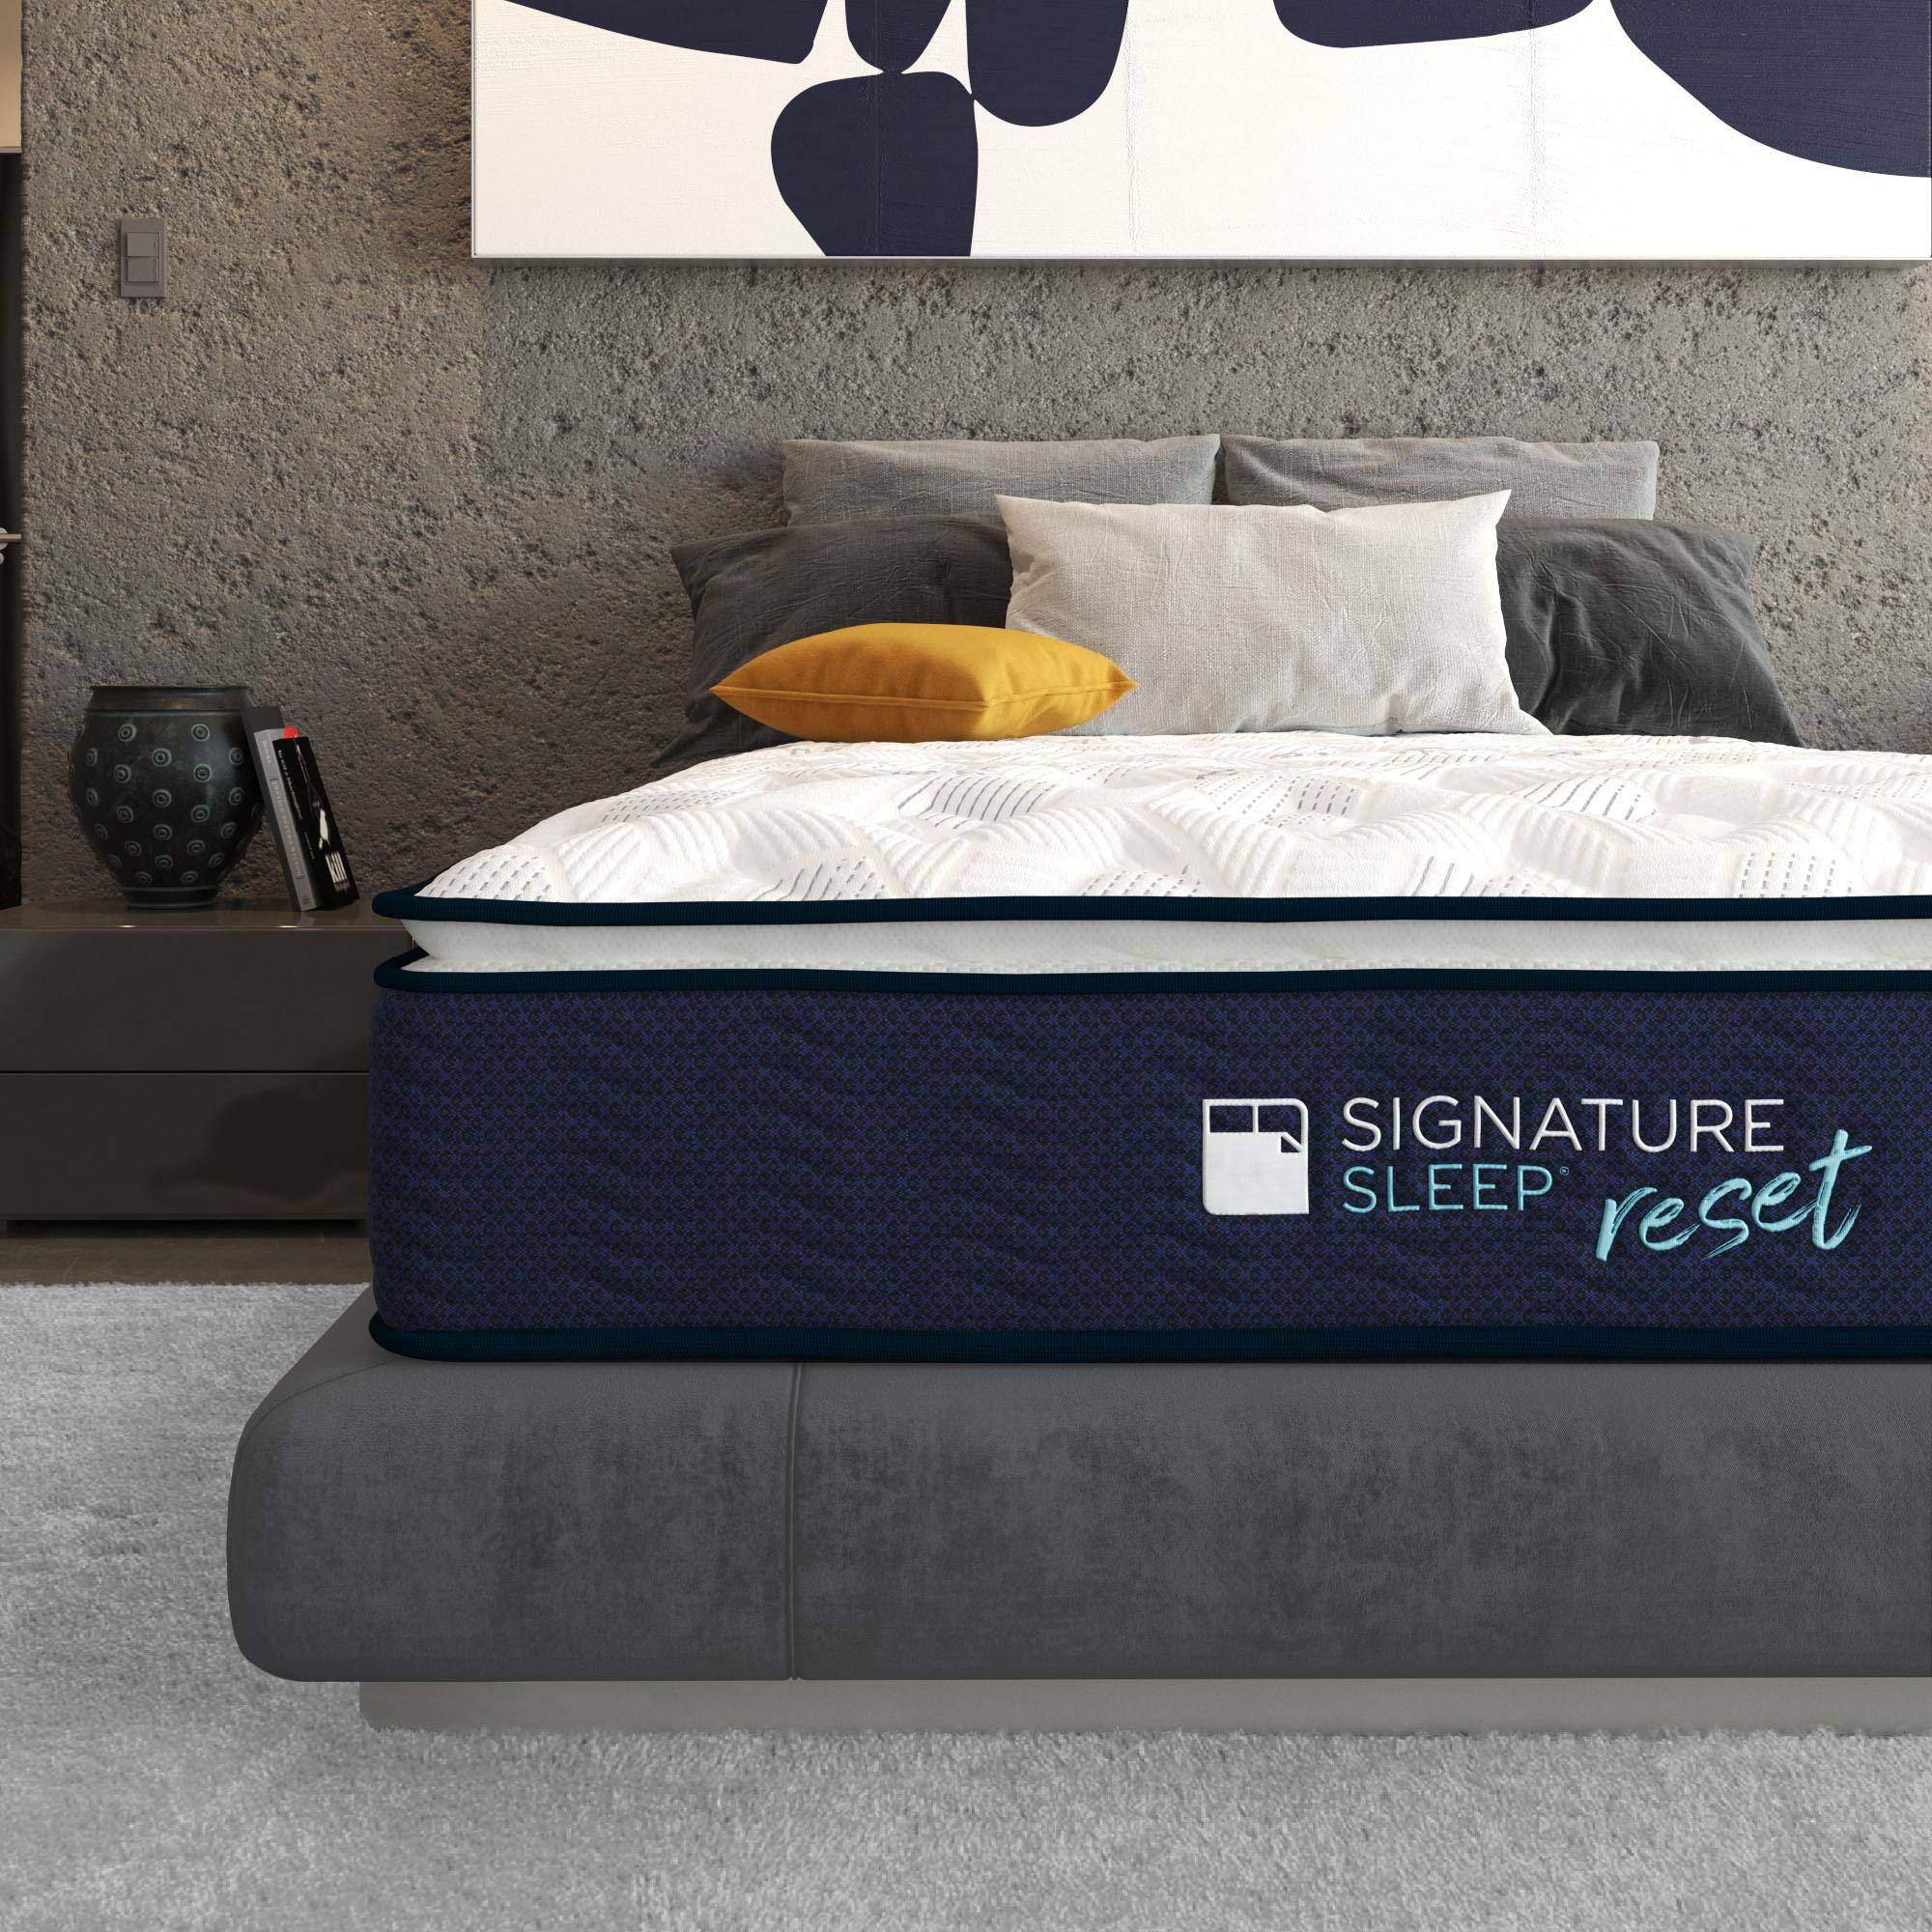 Signature Sleep Reset 12'' Nanobionic Pillow Top Hybrid Mattress, Queen by Signature Sleep